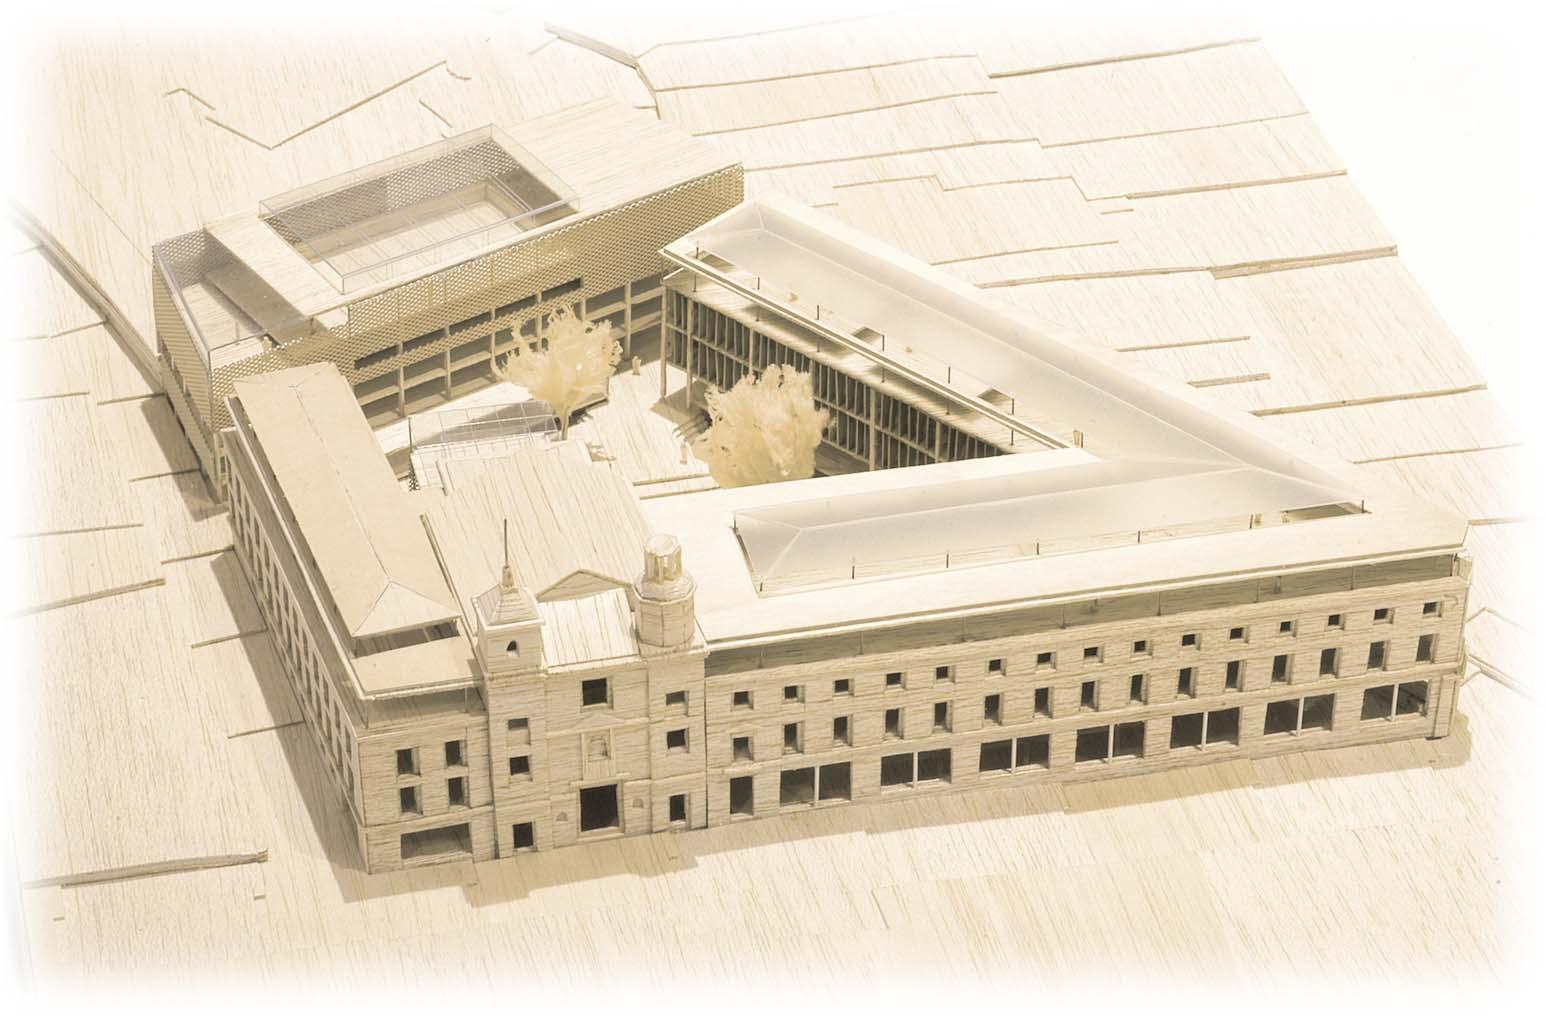 La ciudad y el colegio de arquitectos devuelven las for Restaurante escuela de arquitectos madrid